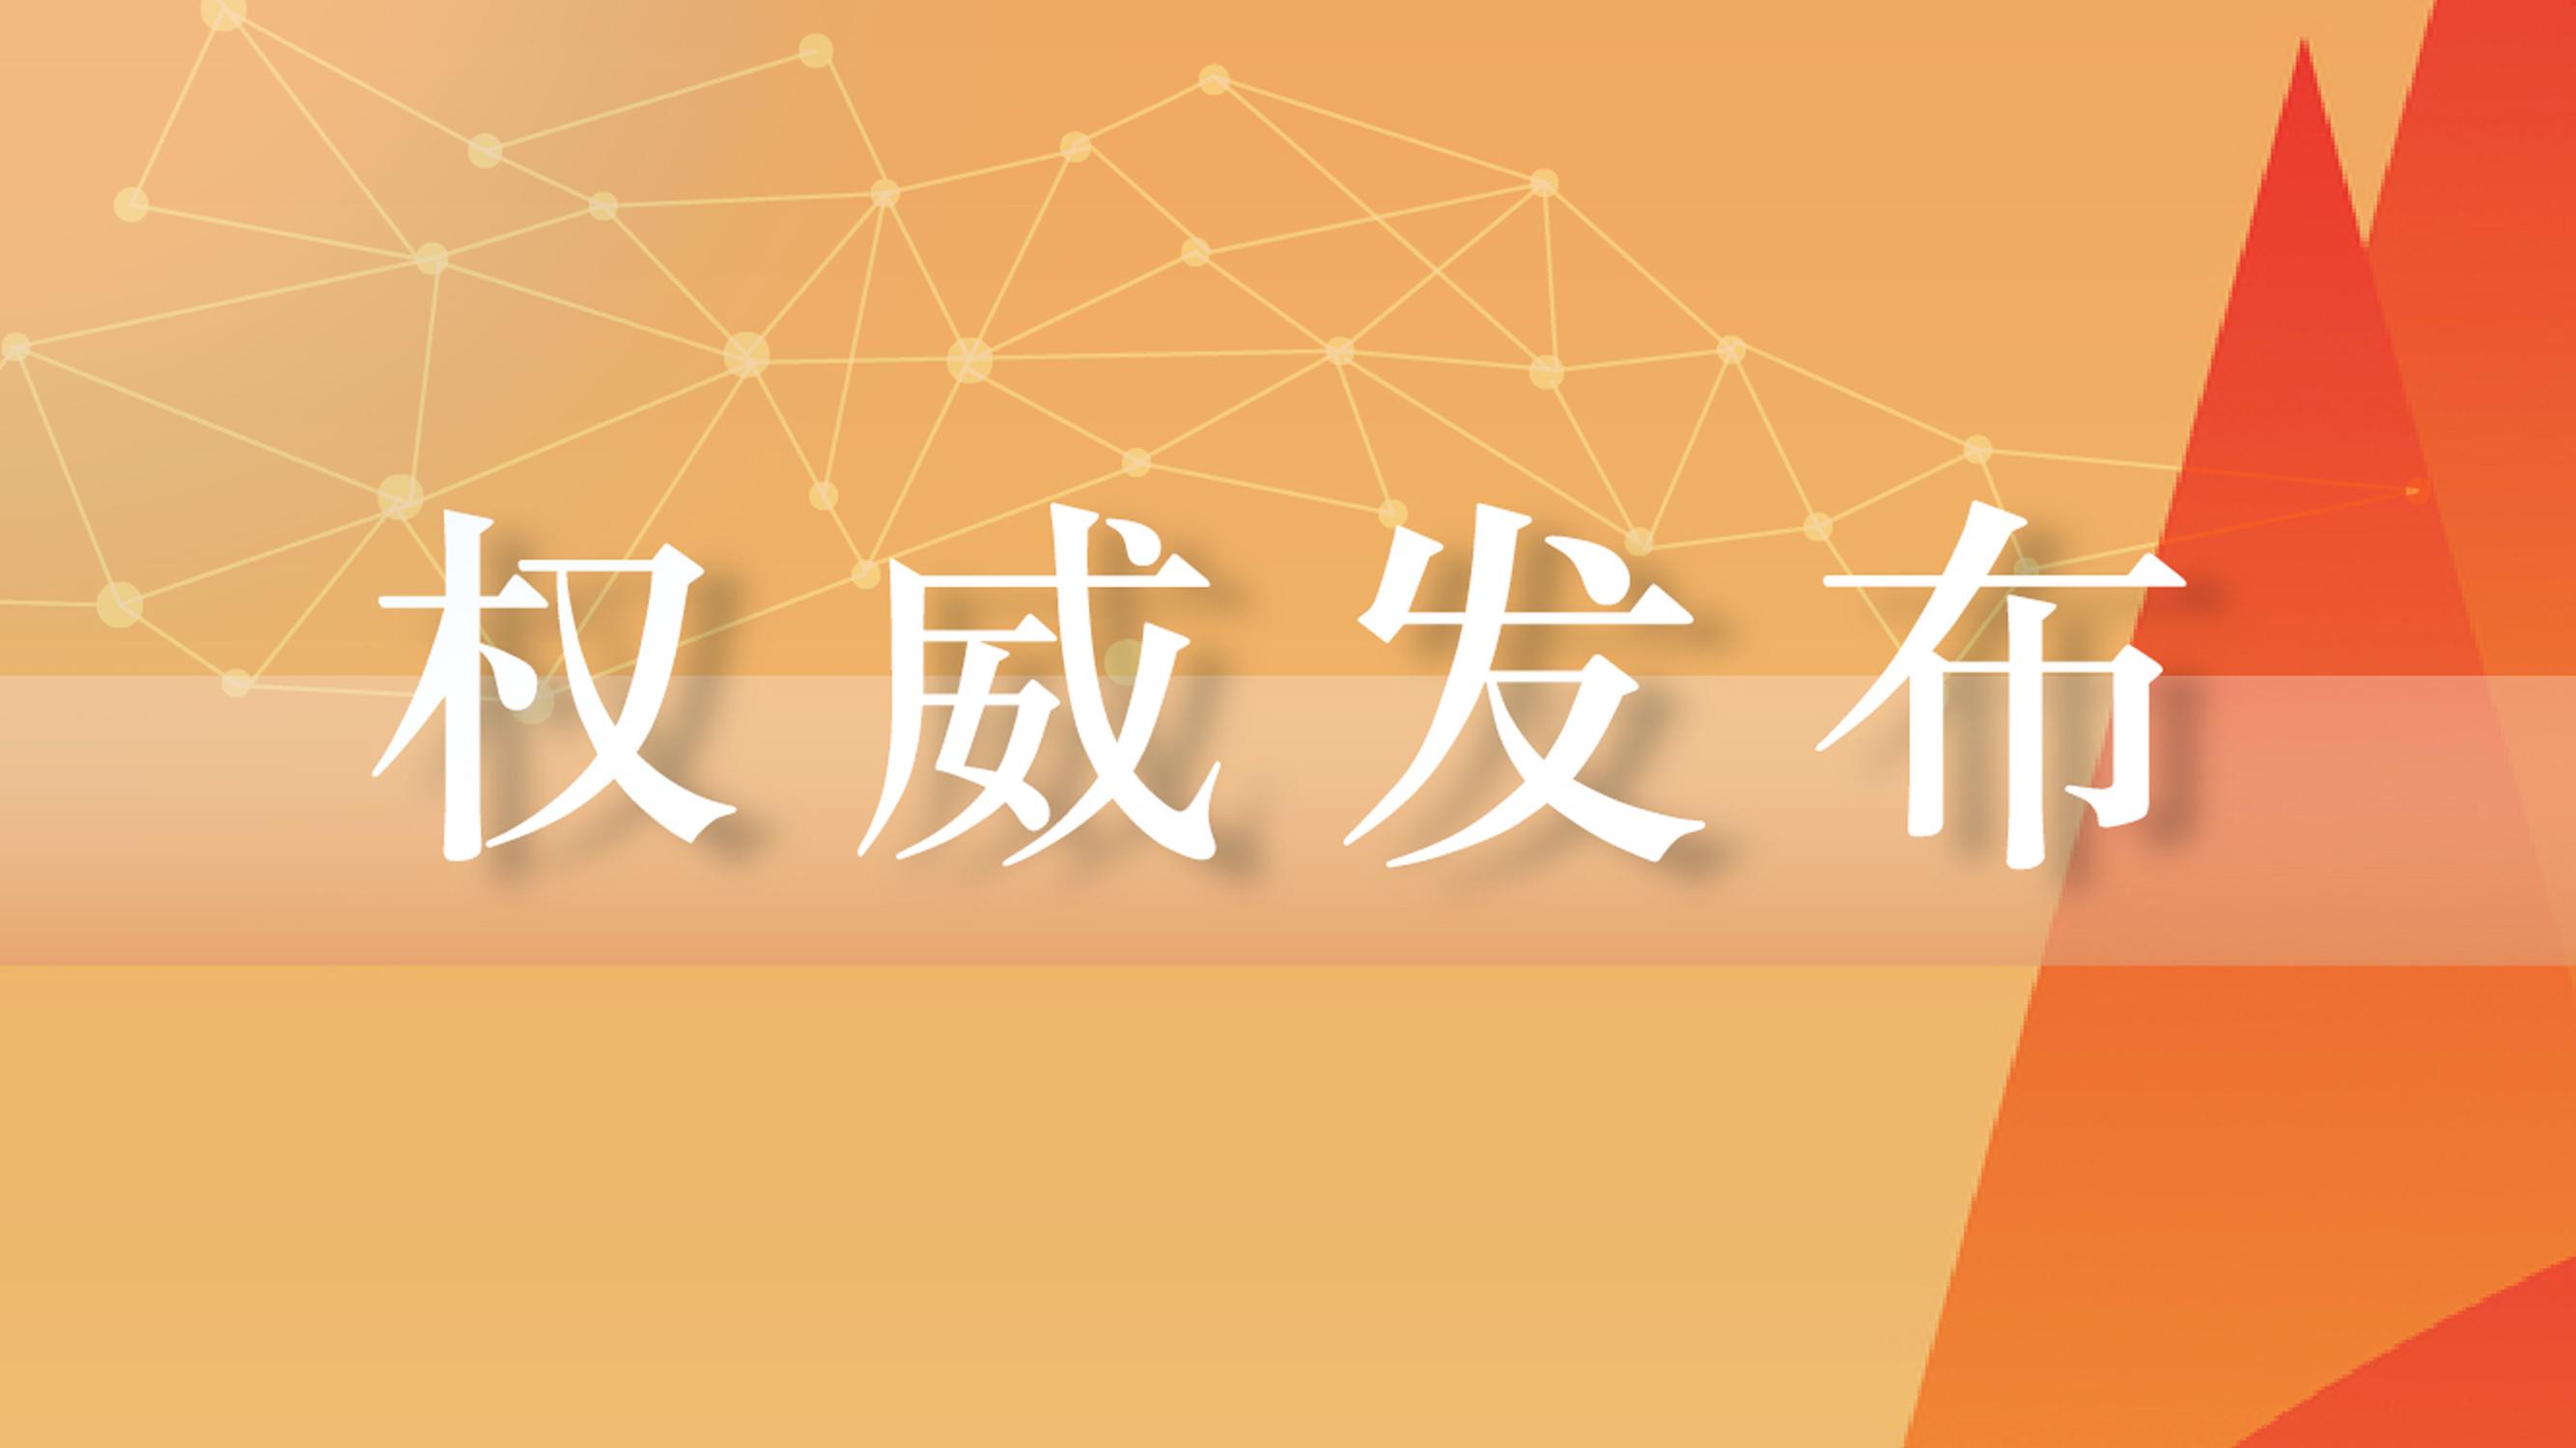 四川省第十三建筑有限公司党委委员、董事、常务副总经理蔡可洪 接受纪律审查和监察调查